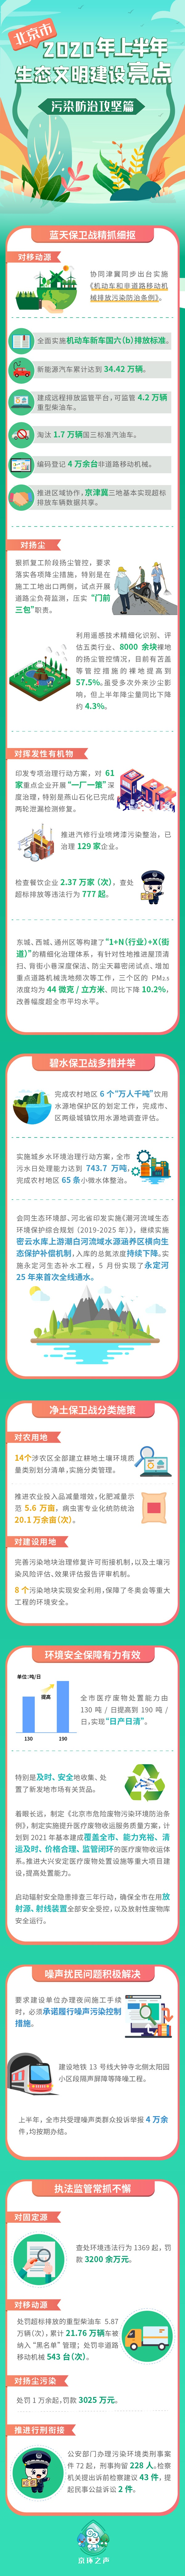 北京市2020年上半年生态文明建设亮点